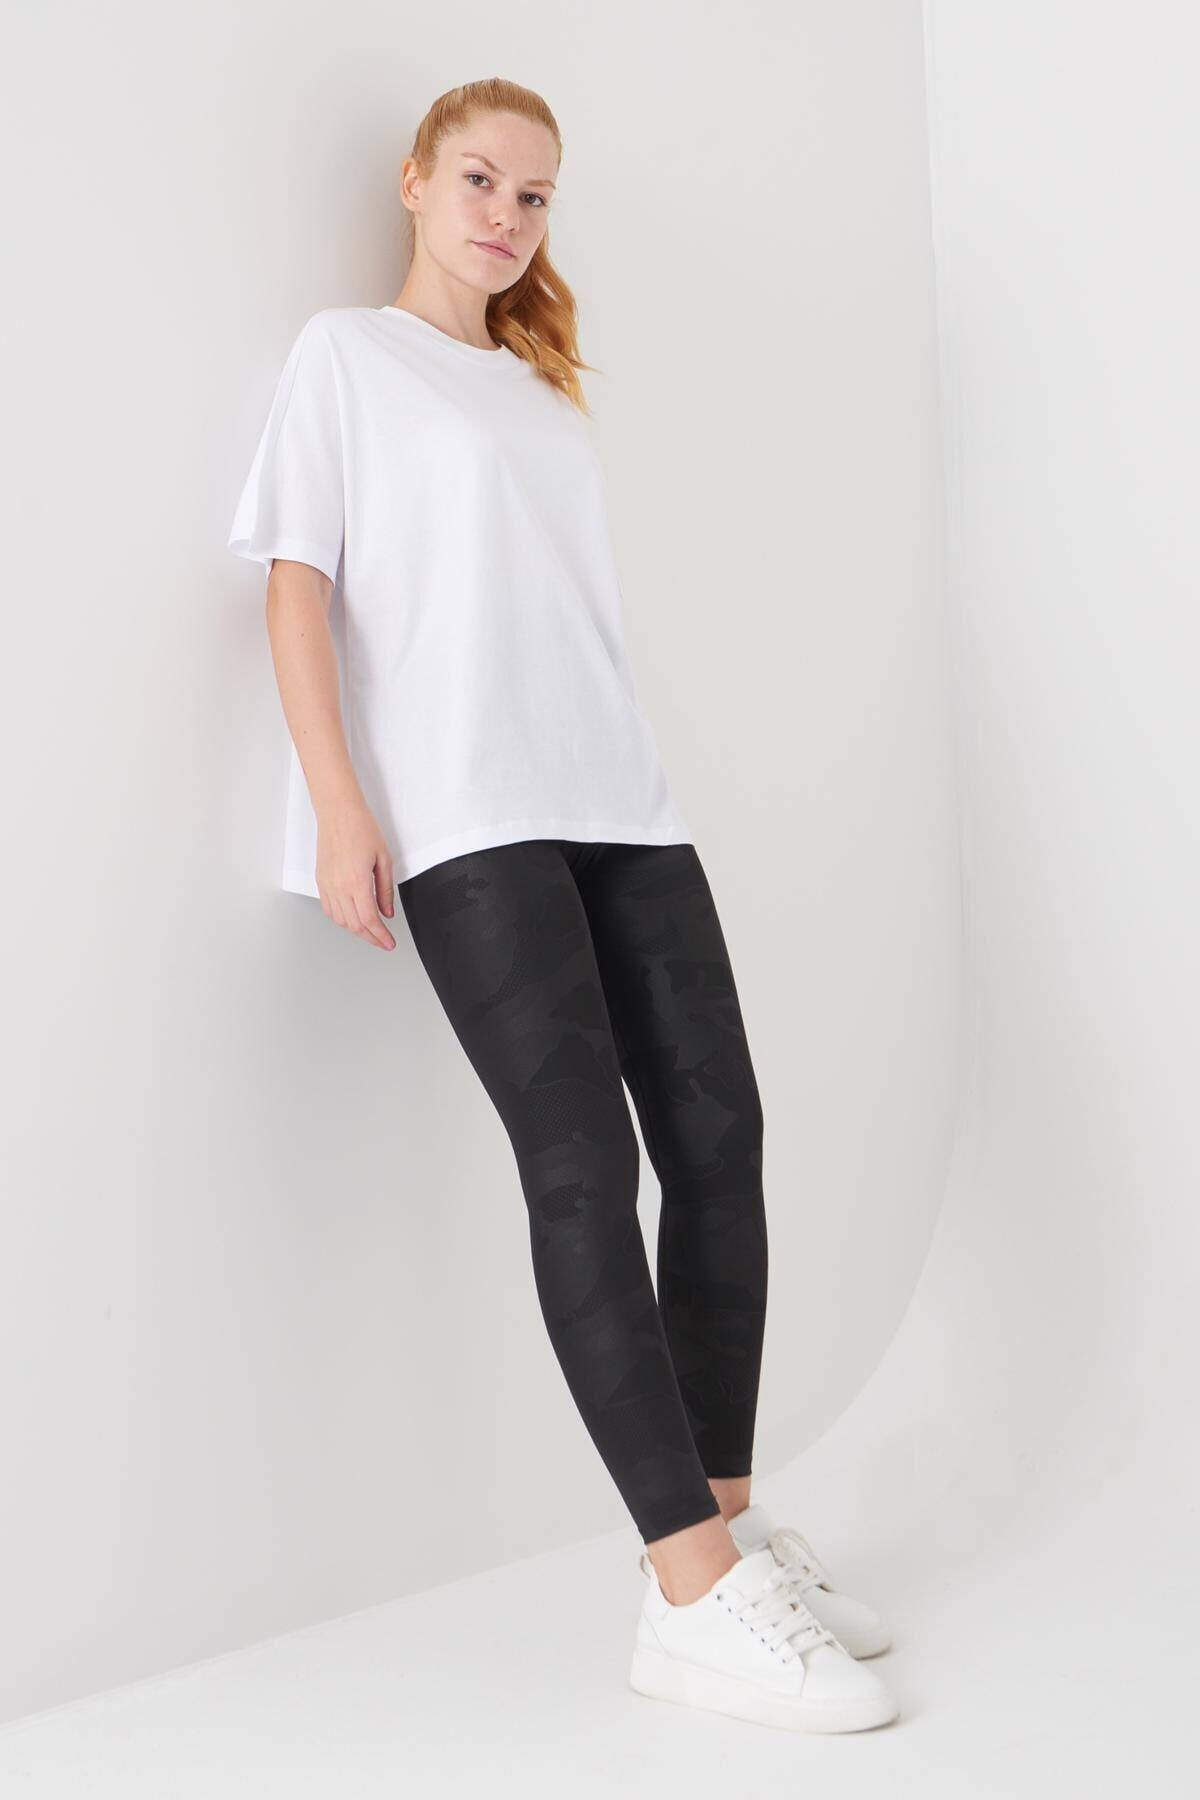 Addax Kadın Beyaz Oversize Basic Tişört P0730 - J6 - J7 ADX-0000020569 2